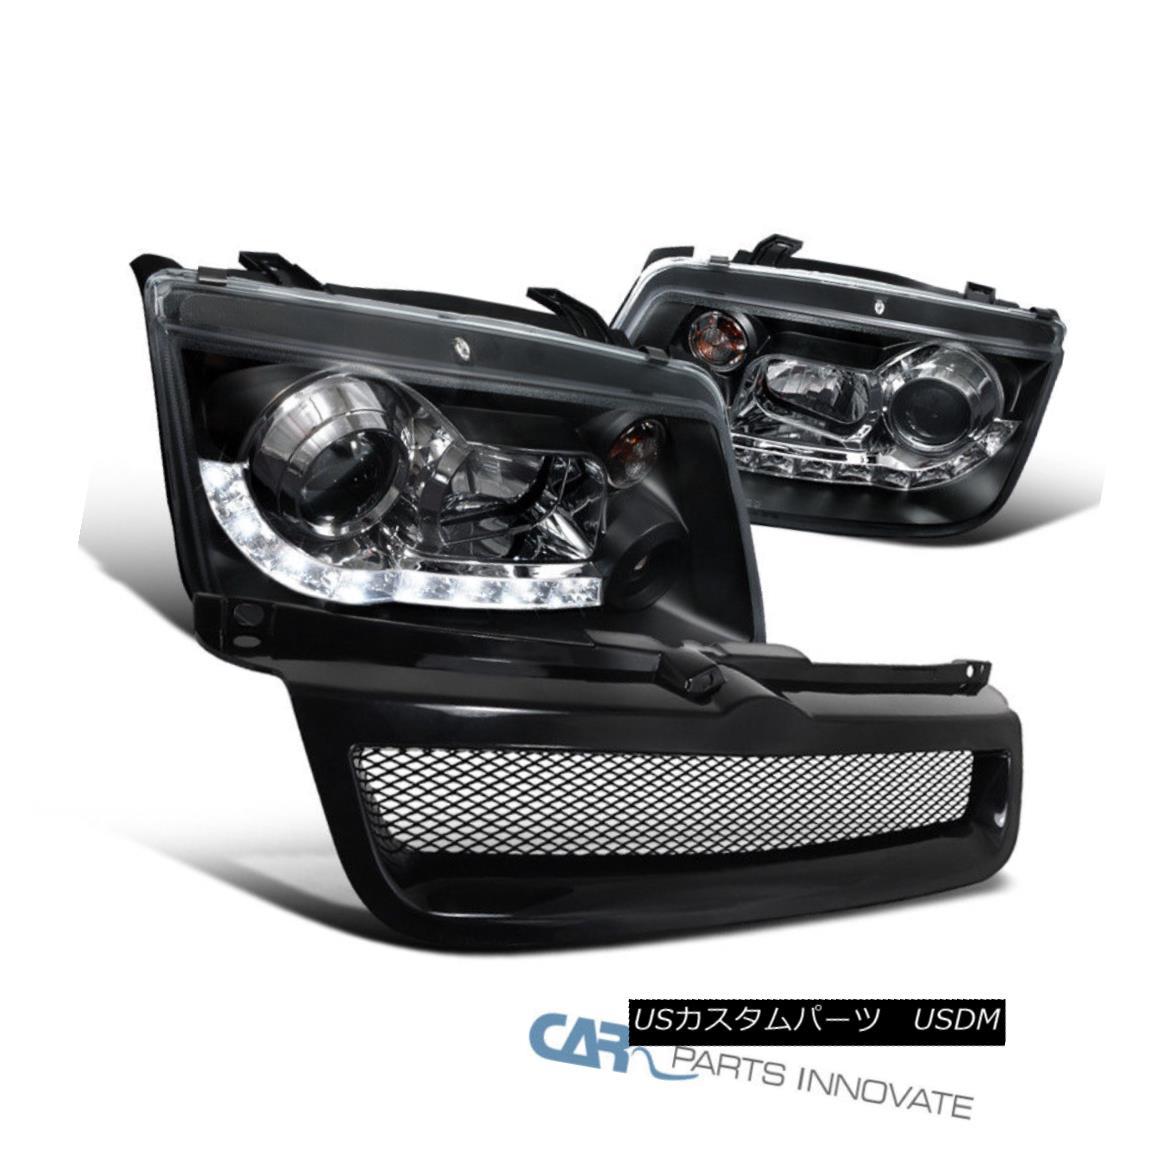 グリル Fit VW 99-04 Jetta Mk4 Black LED DRL Projector Headlights+ABS Hood Grille Grill フィットVW 99-04ジェッタMk4ブラックLED DRLプロジェクターヘッドライト+ ABSフードグリルグリル